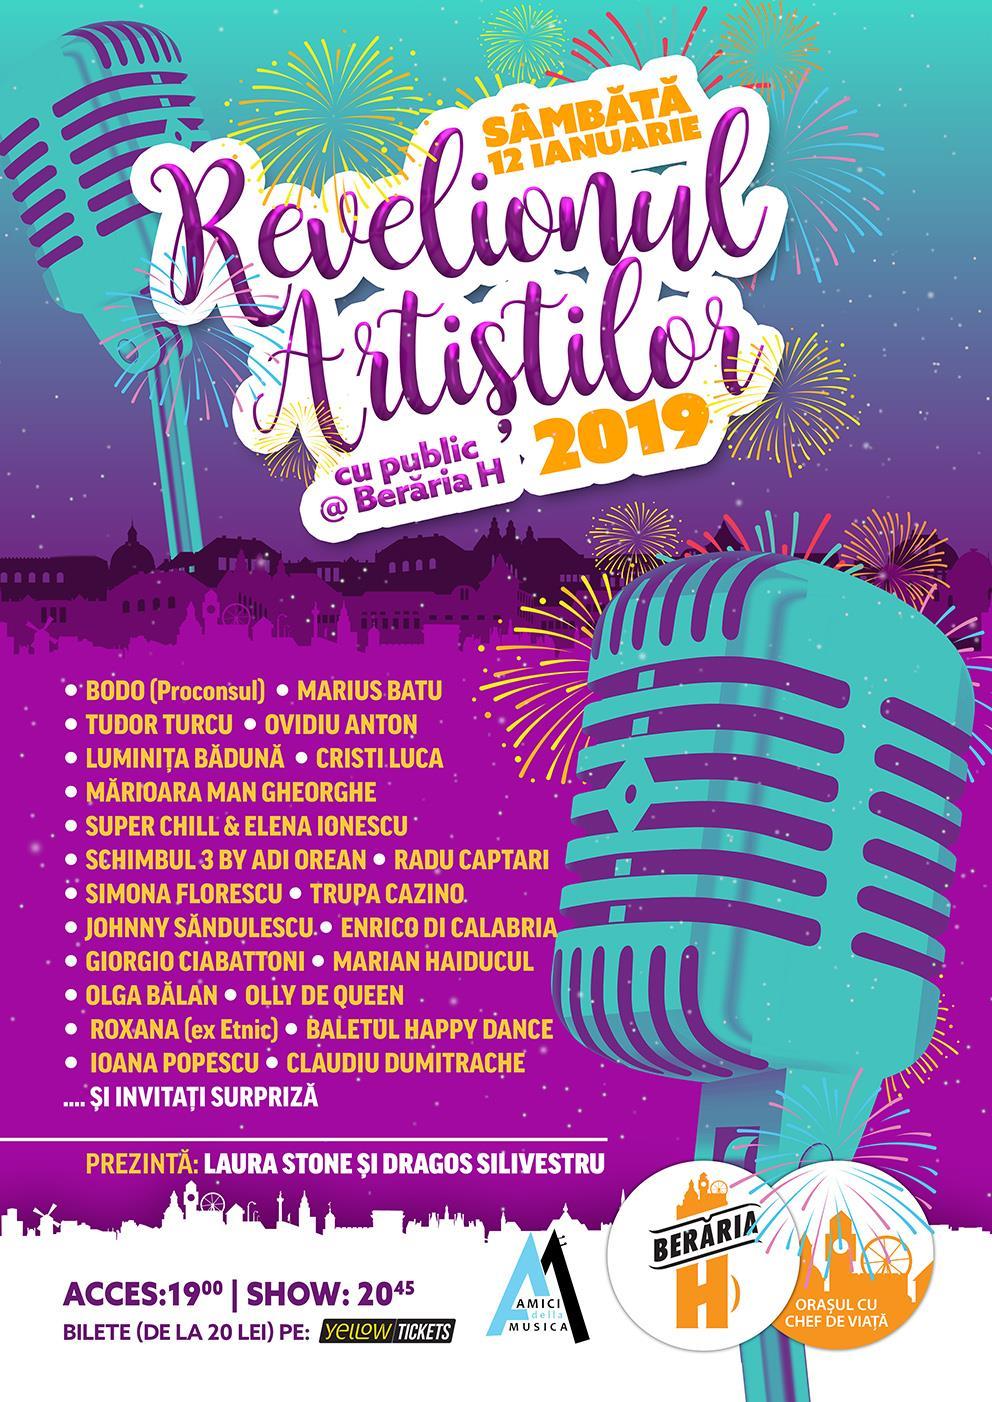 {focus_keyword} Al doilea revelion la Beraria H! Sunteti invitati la Revelionul Artistilor 2019! 49597616 764945653866844 5750405320316813312 n